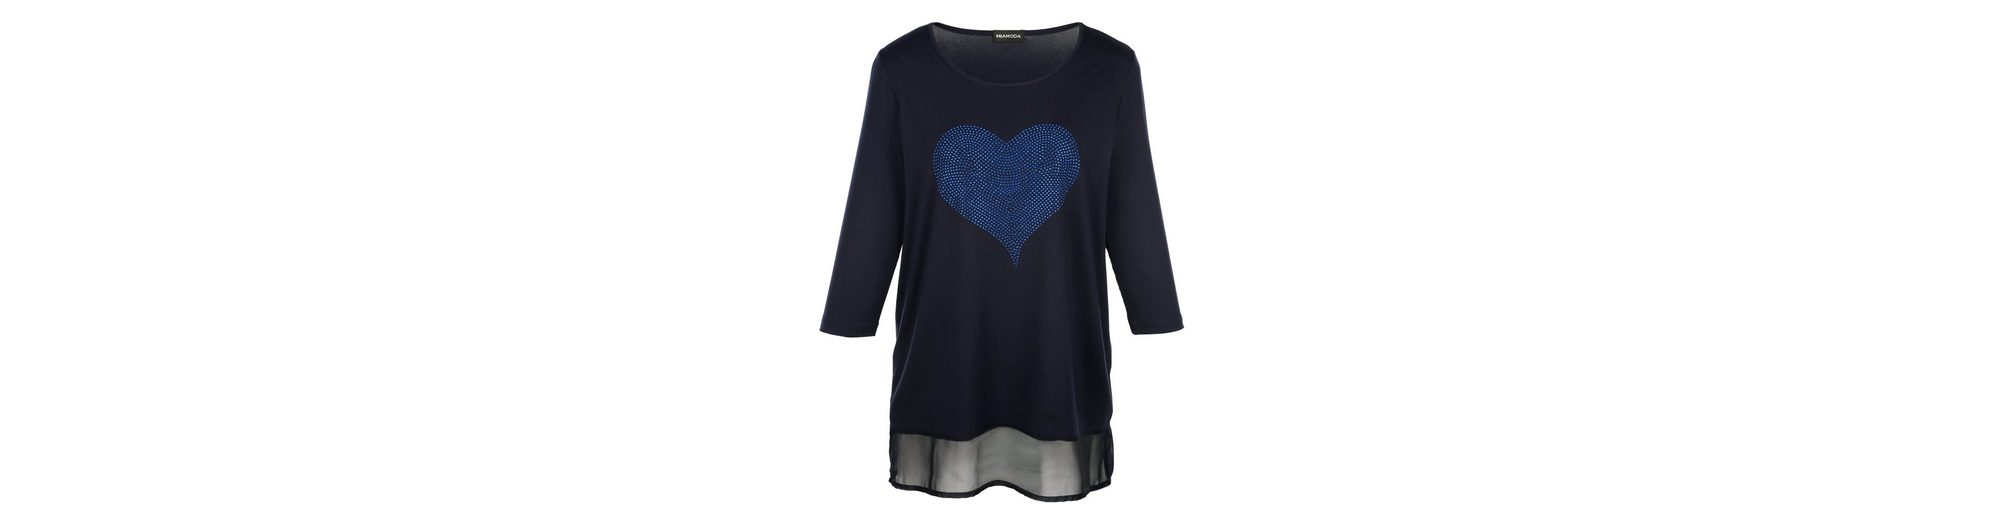 MIAMODA Longshirt mit Herzmotiv aus Dekosteinchen Auslass 100% Authentisch Billig 2018 U3752IC5